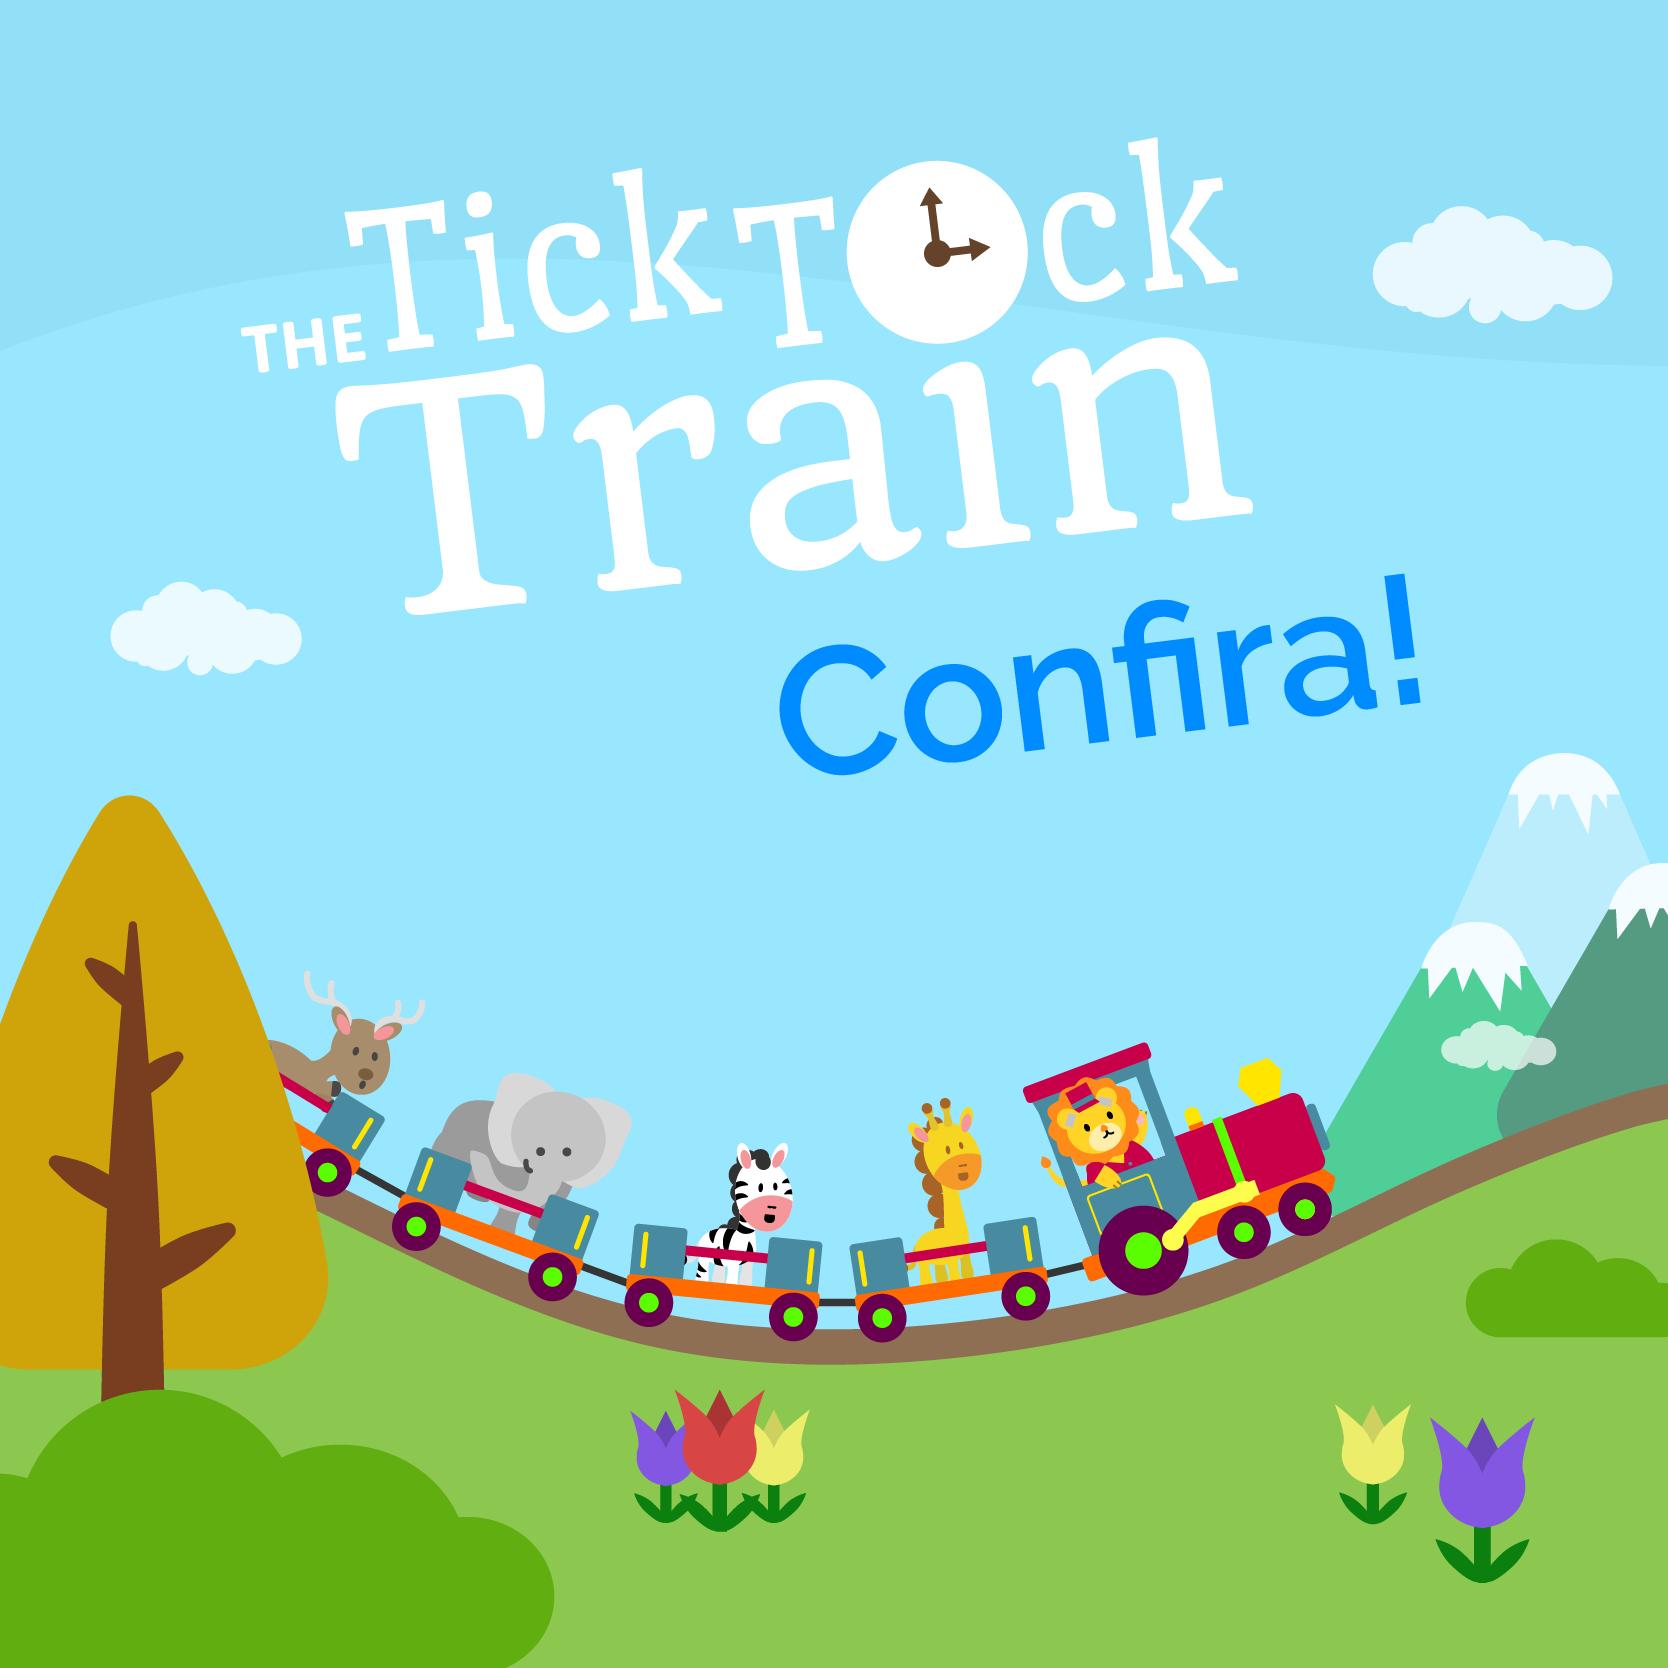 Não deixe de conferir o novo game para não perder o trem!